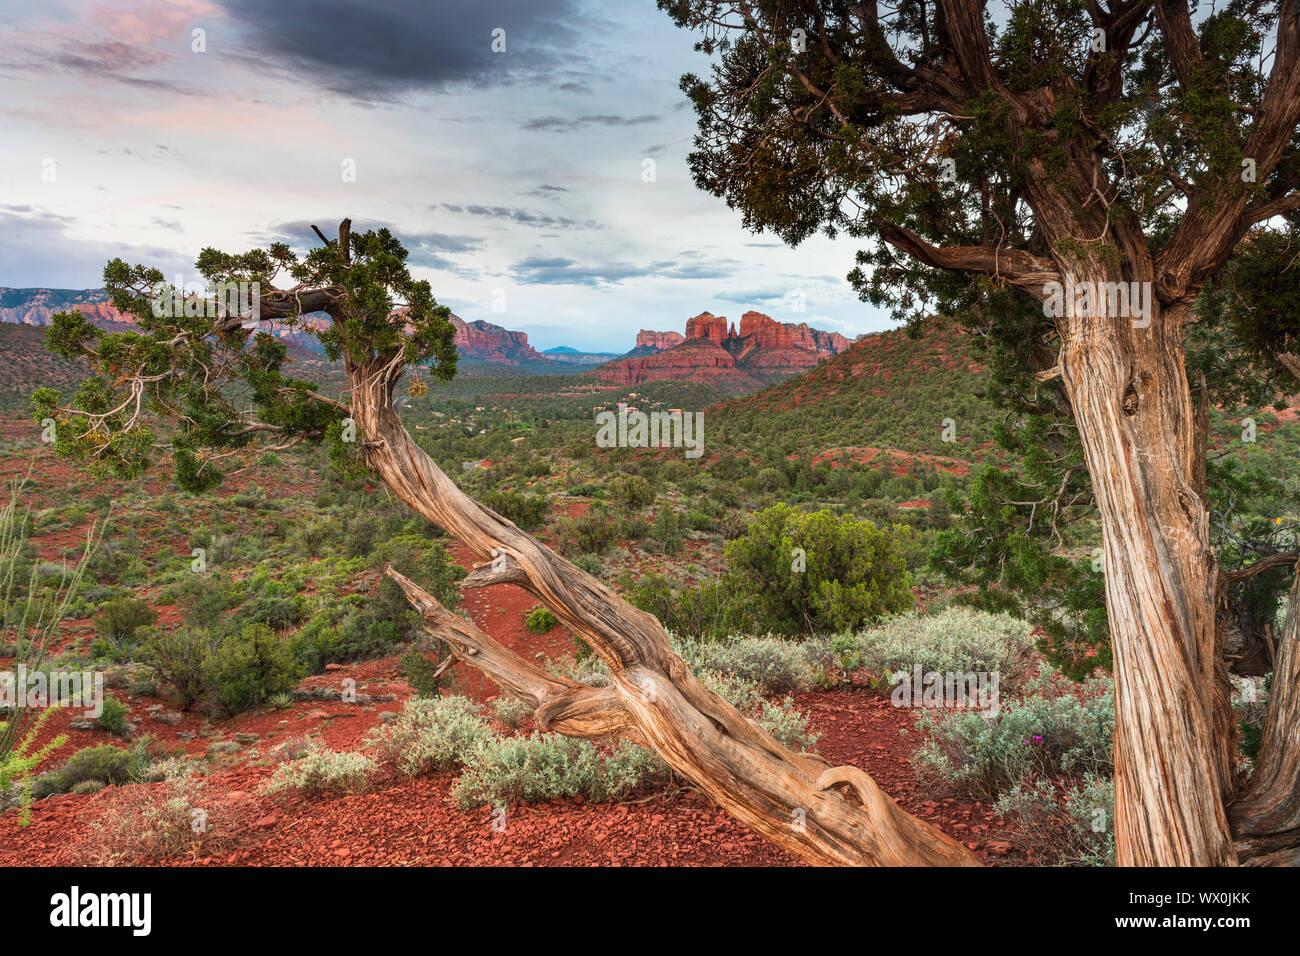 Cathedral Rock, Sedona, Arizona, États-Unis d'Amérique, Amérique du Nord Banque D'Images